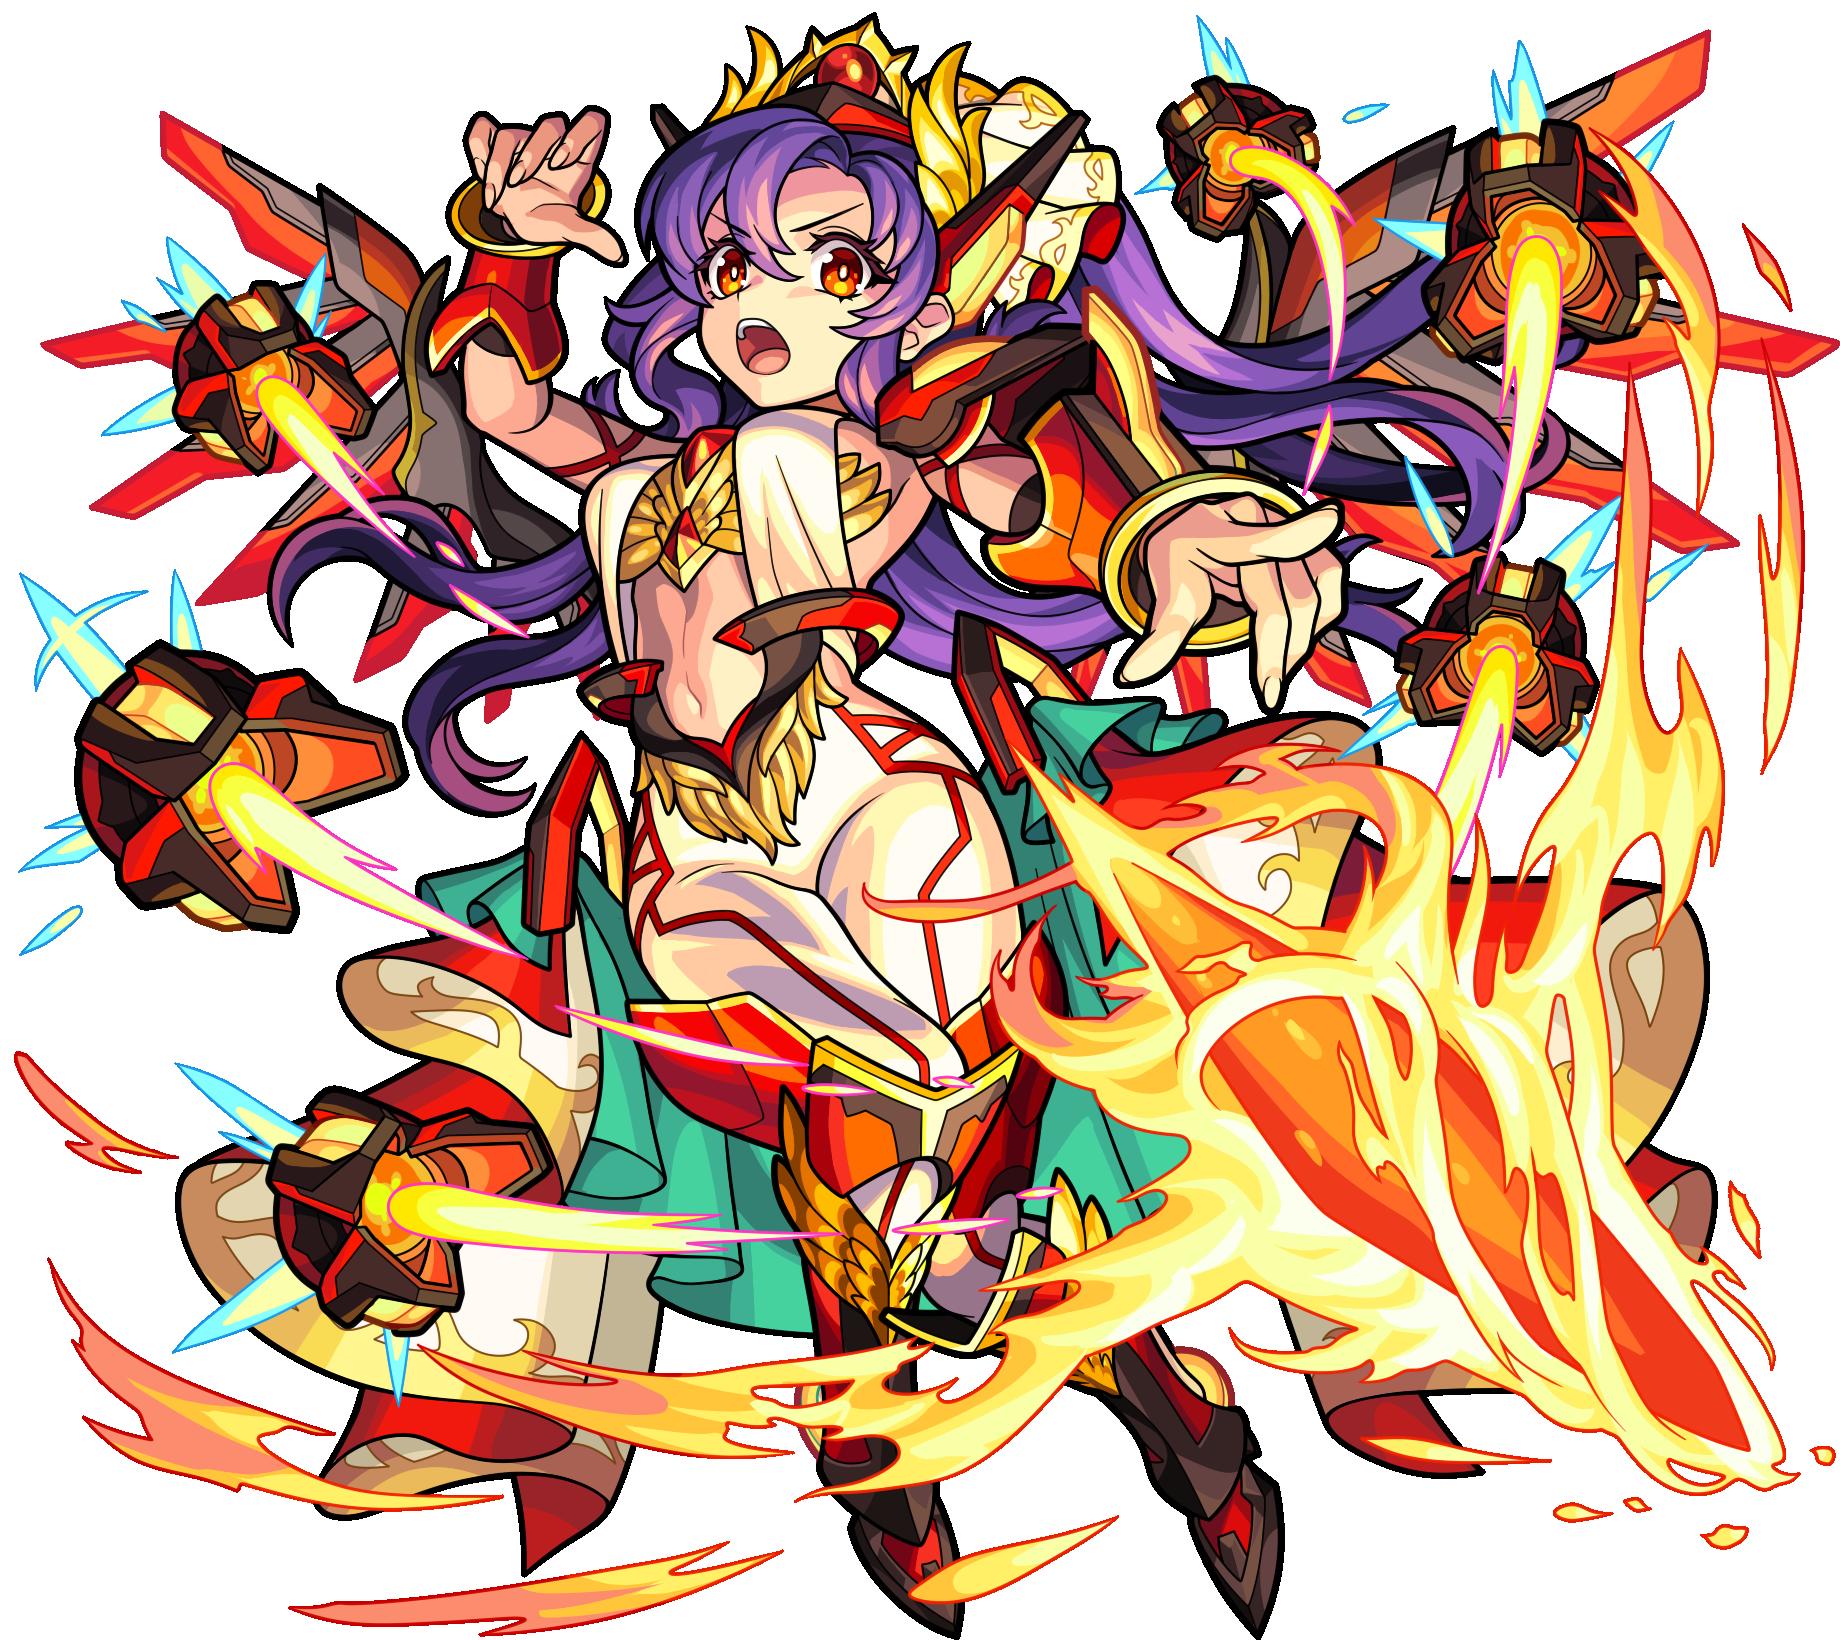 火属性 ★6 新たな光明を創造せし太陽神 アポロ (獣神化・改後)